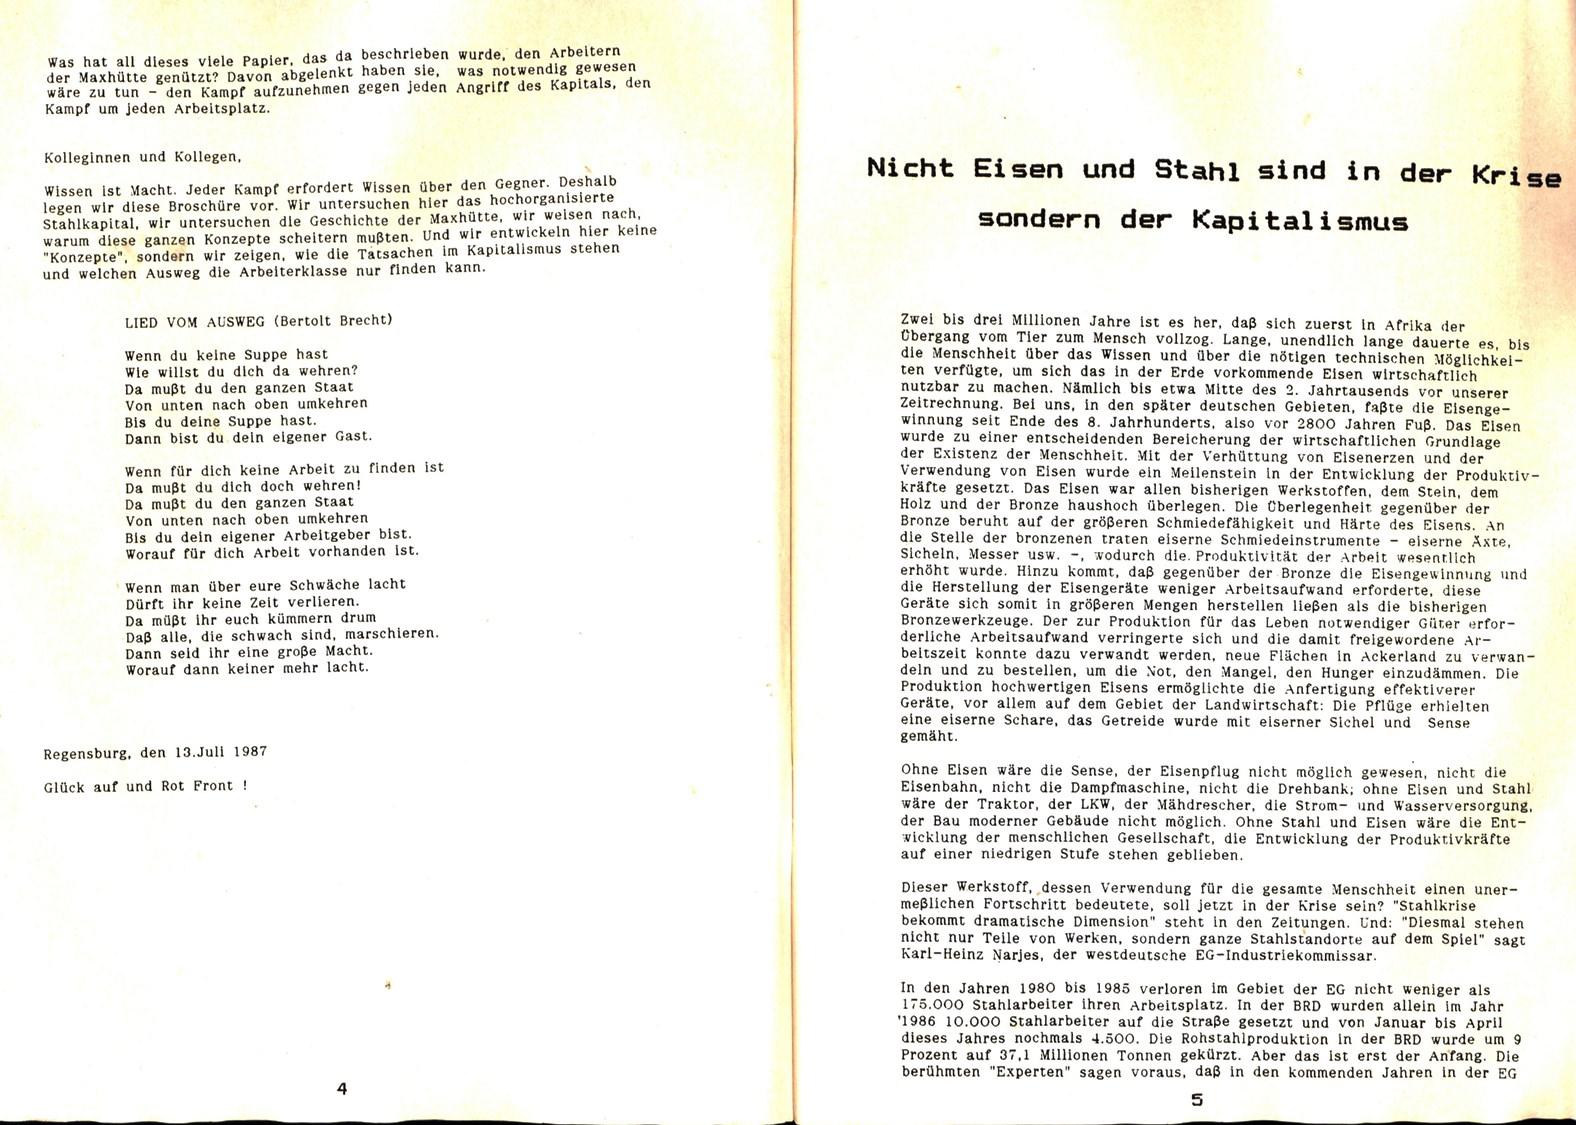 Regensburg_AB_1987_Maxhuette_04